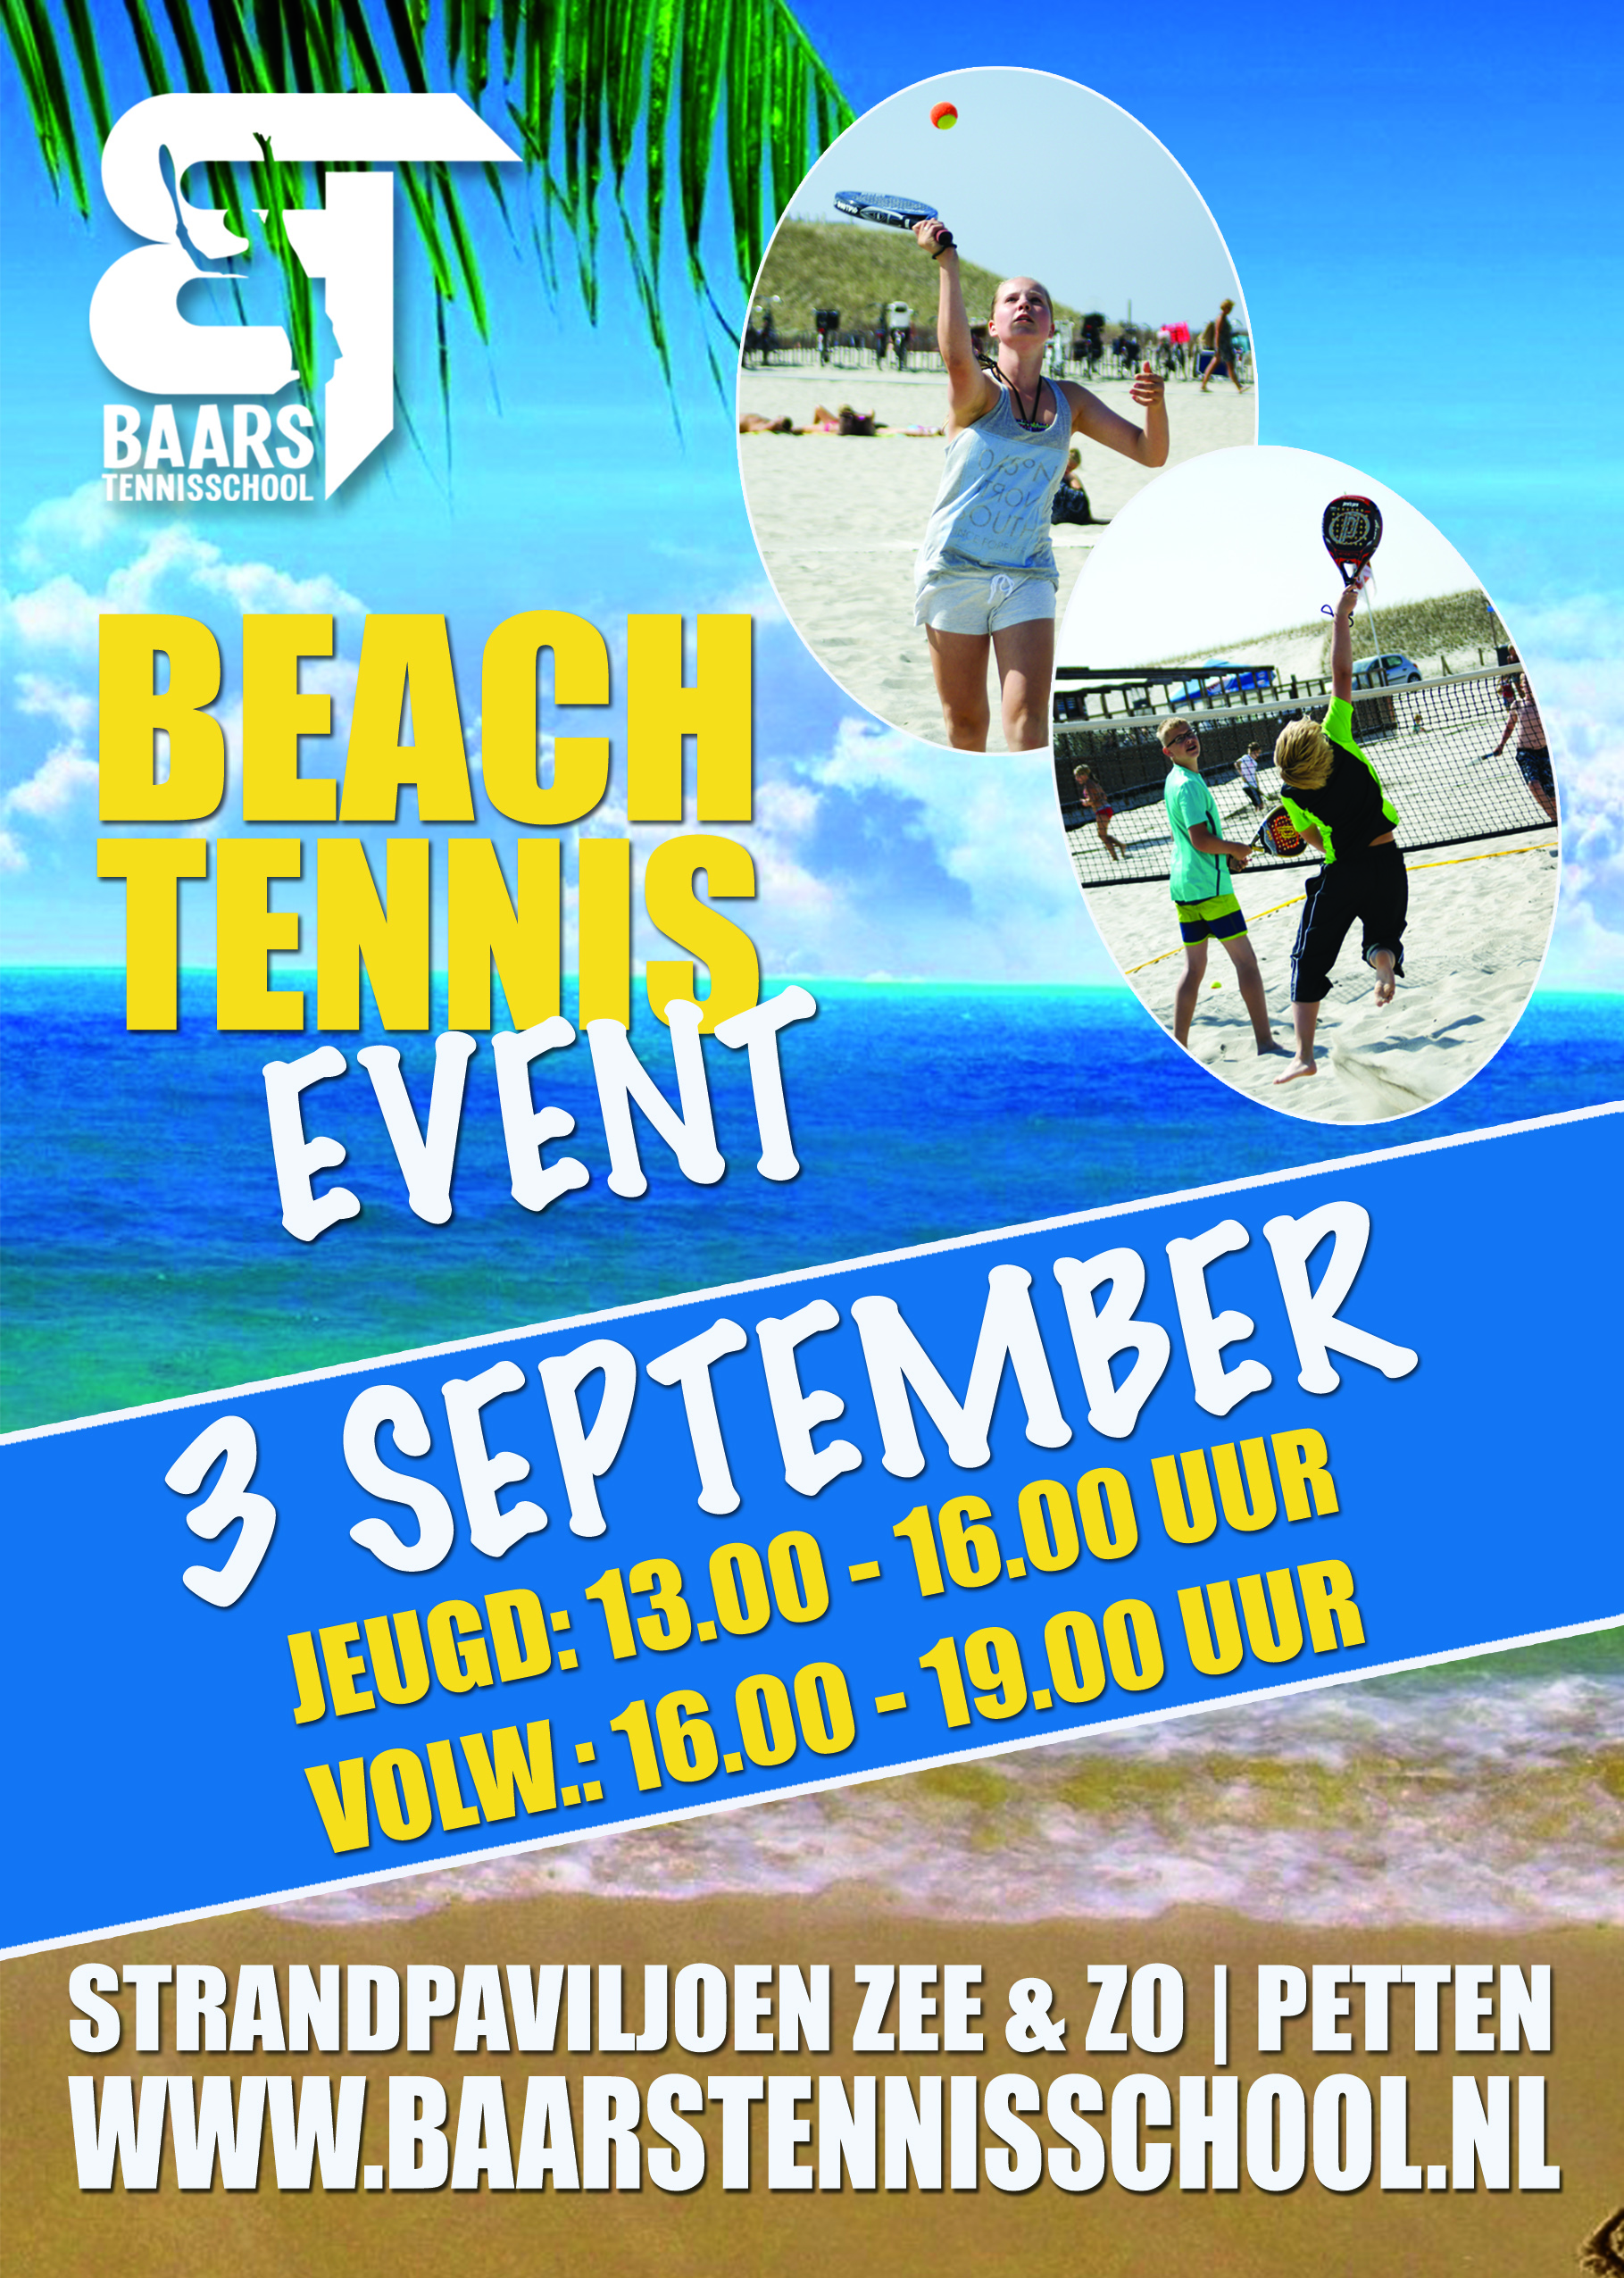 Beach Tennis Event Baars Tennisschool 2016